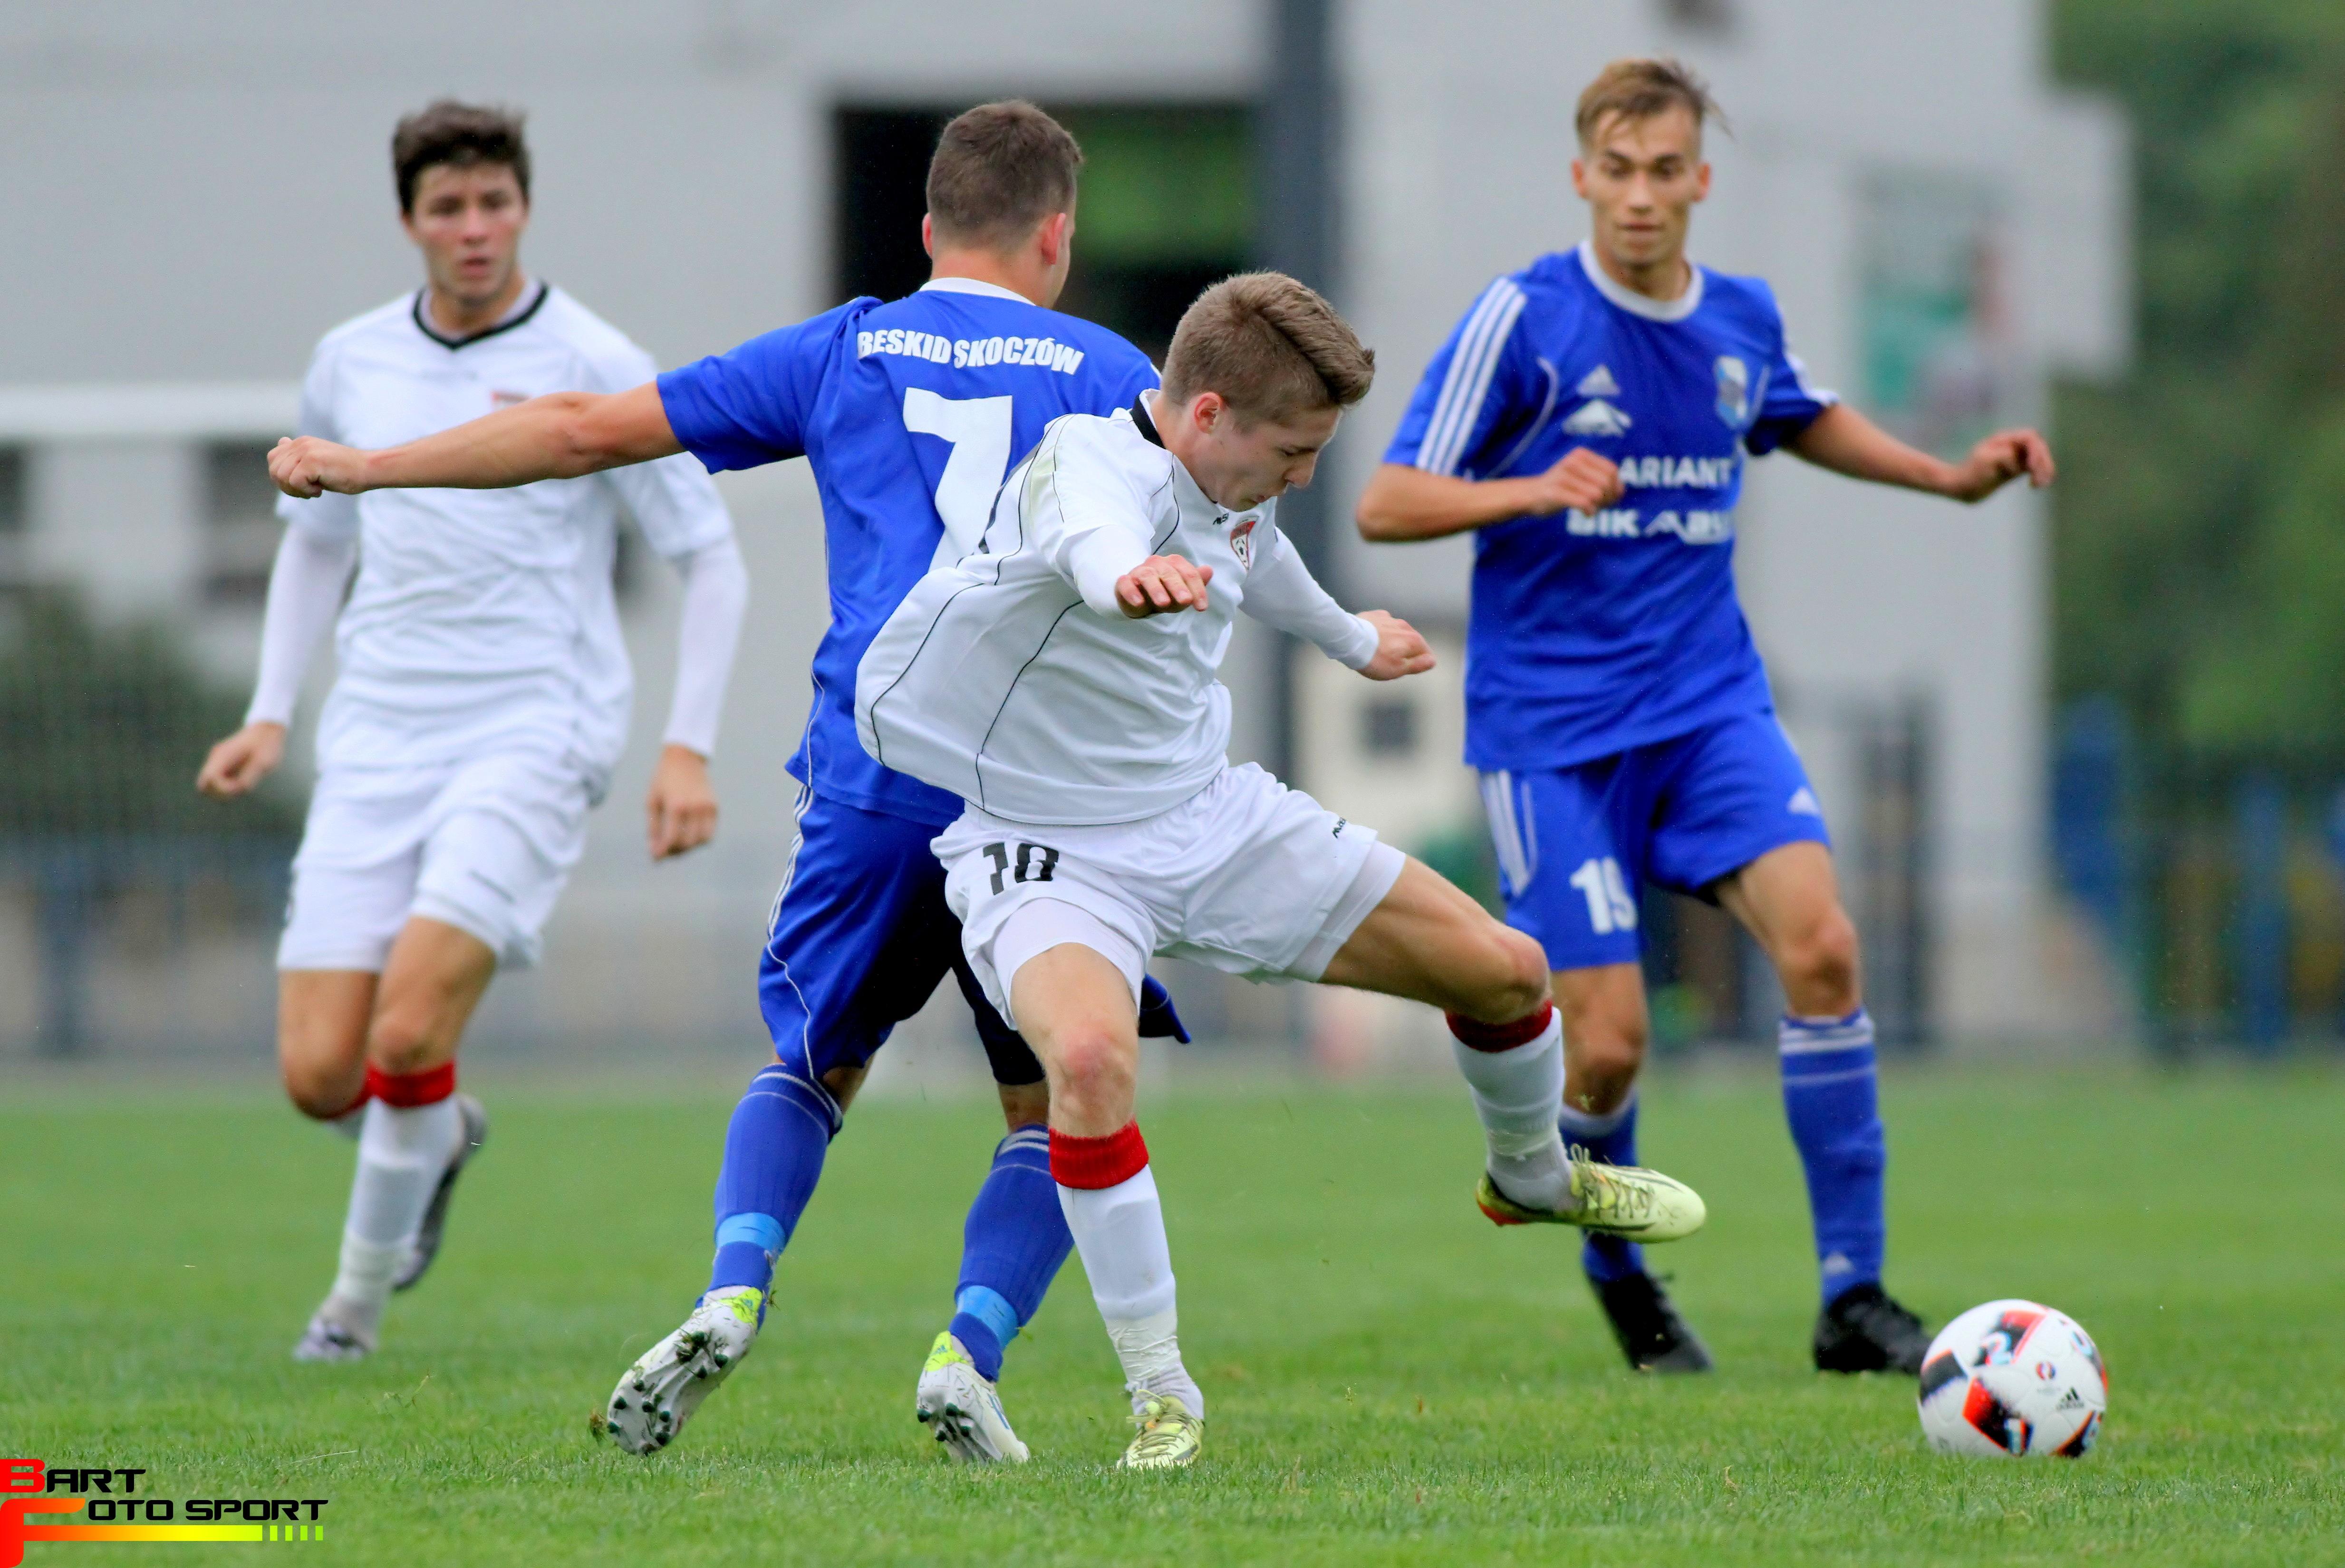 IV liga bielska: wielkie strzelanie w Radziechowach